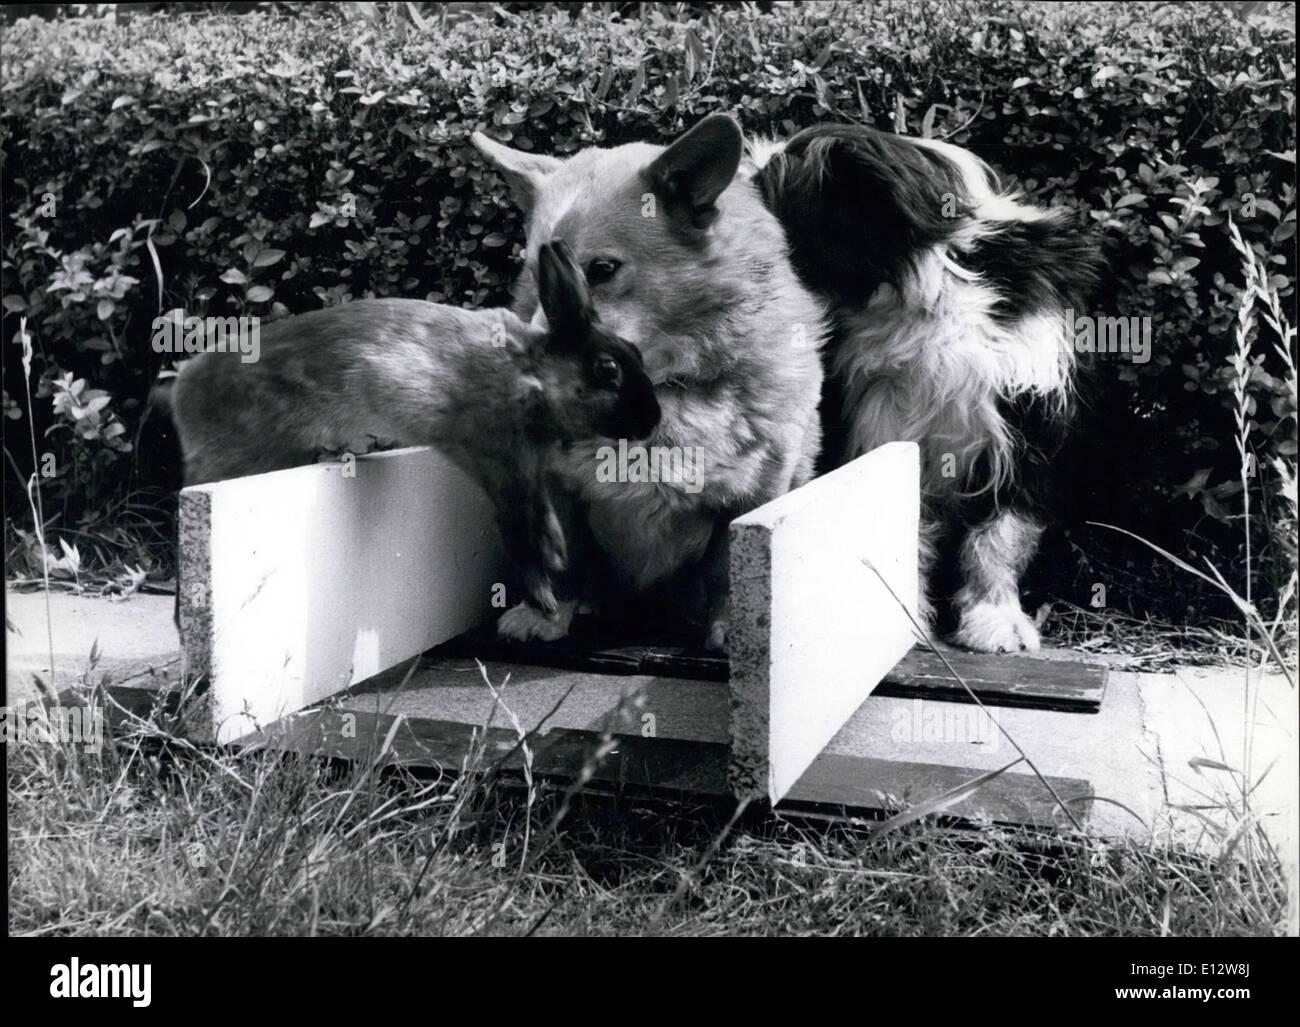 Febbraio 25, 2012 - Eseguire il coniglio ! Maryanne stadi a 'Greyhound' gara per divertire Buster il Corgie e Jess. ne P Foto Stock